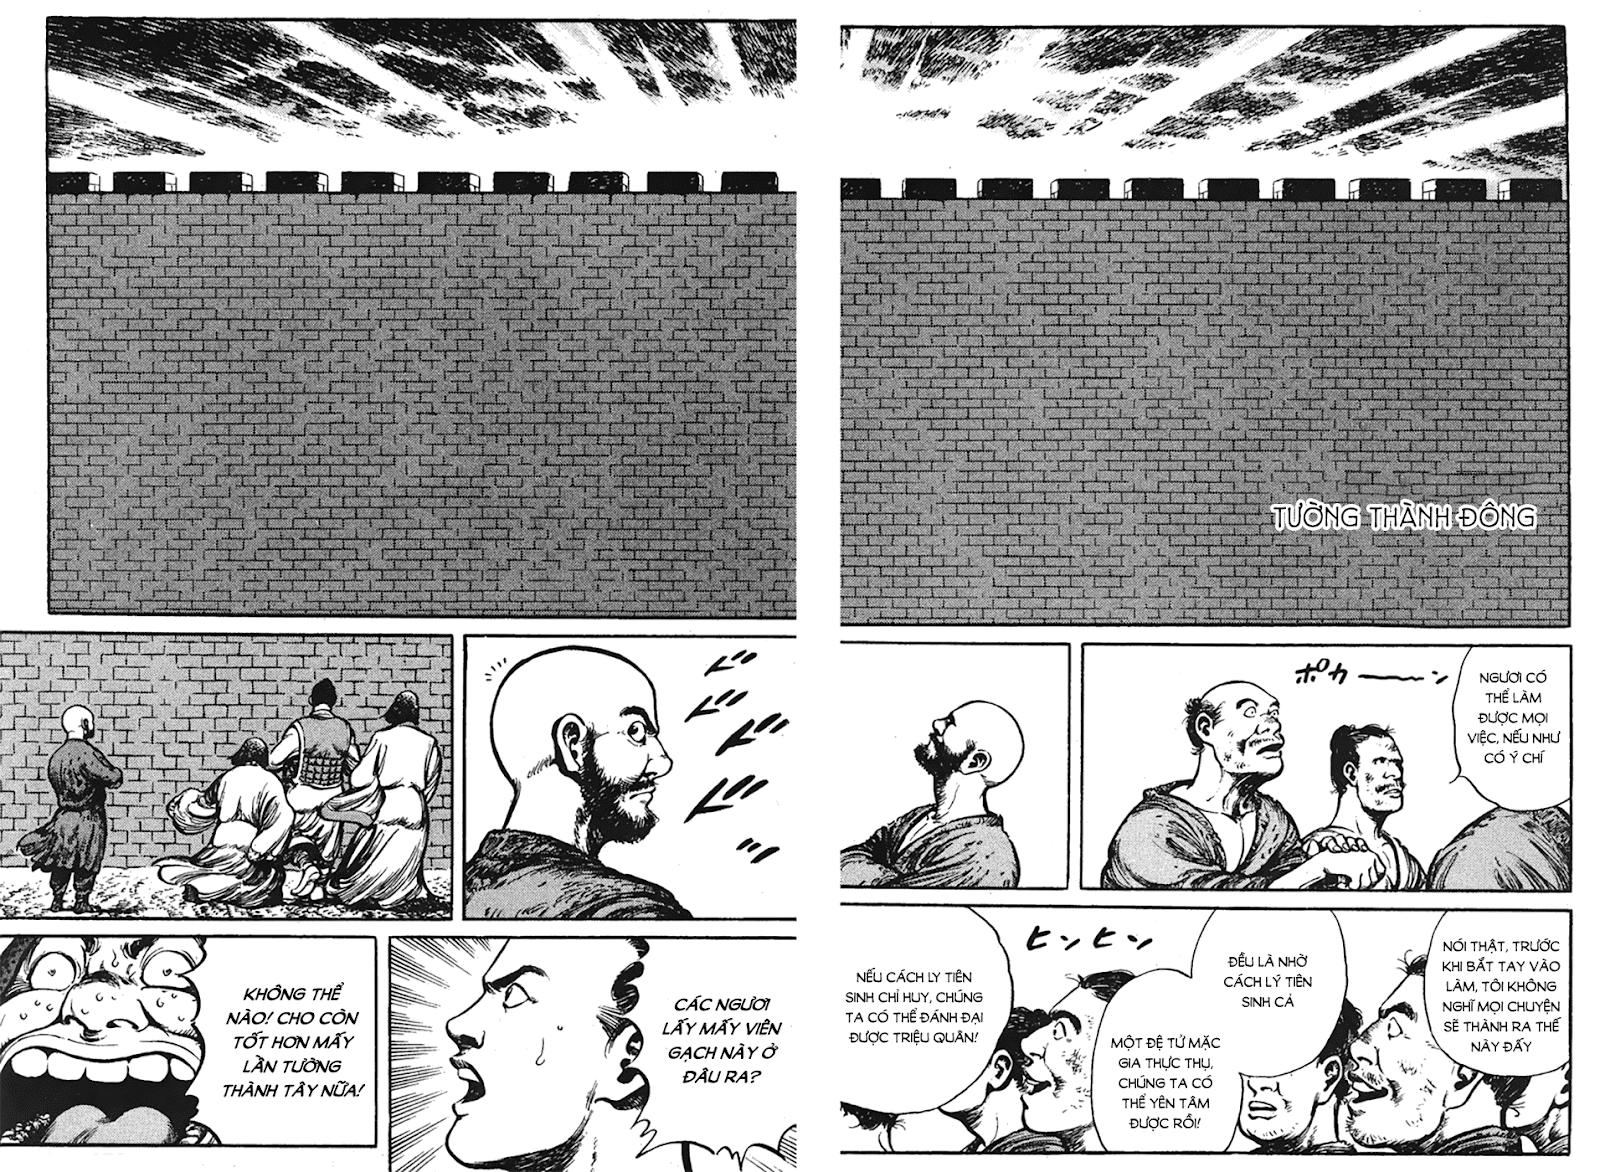 Bokko Chapter 3: Cách Ly sửa thành trang 14